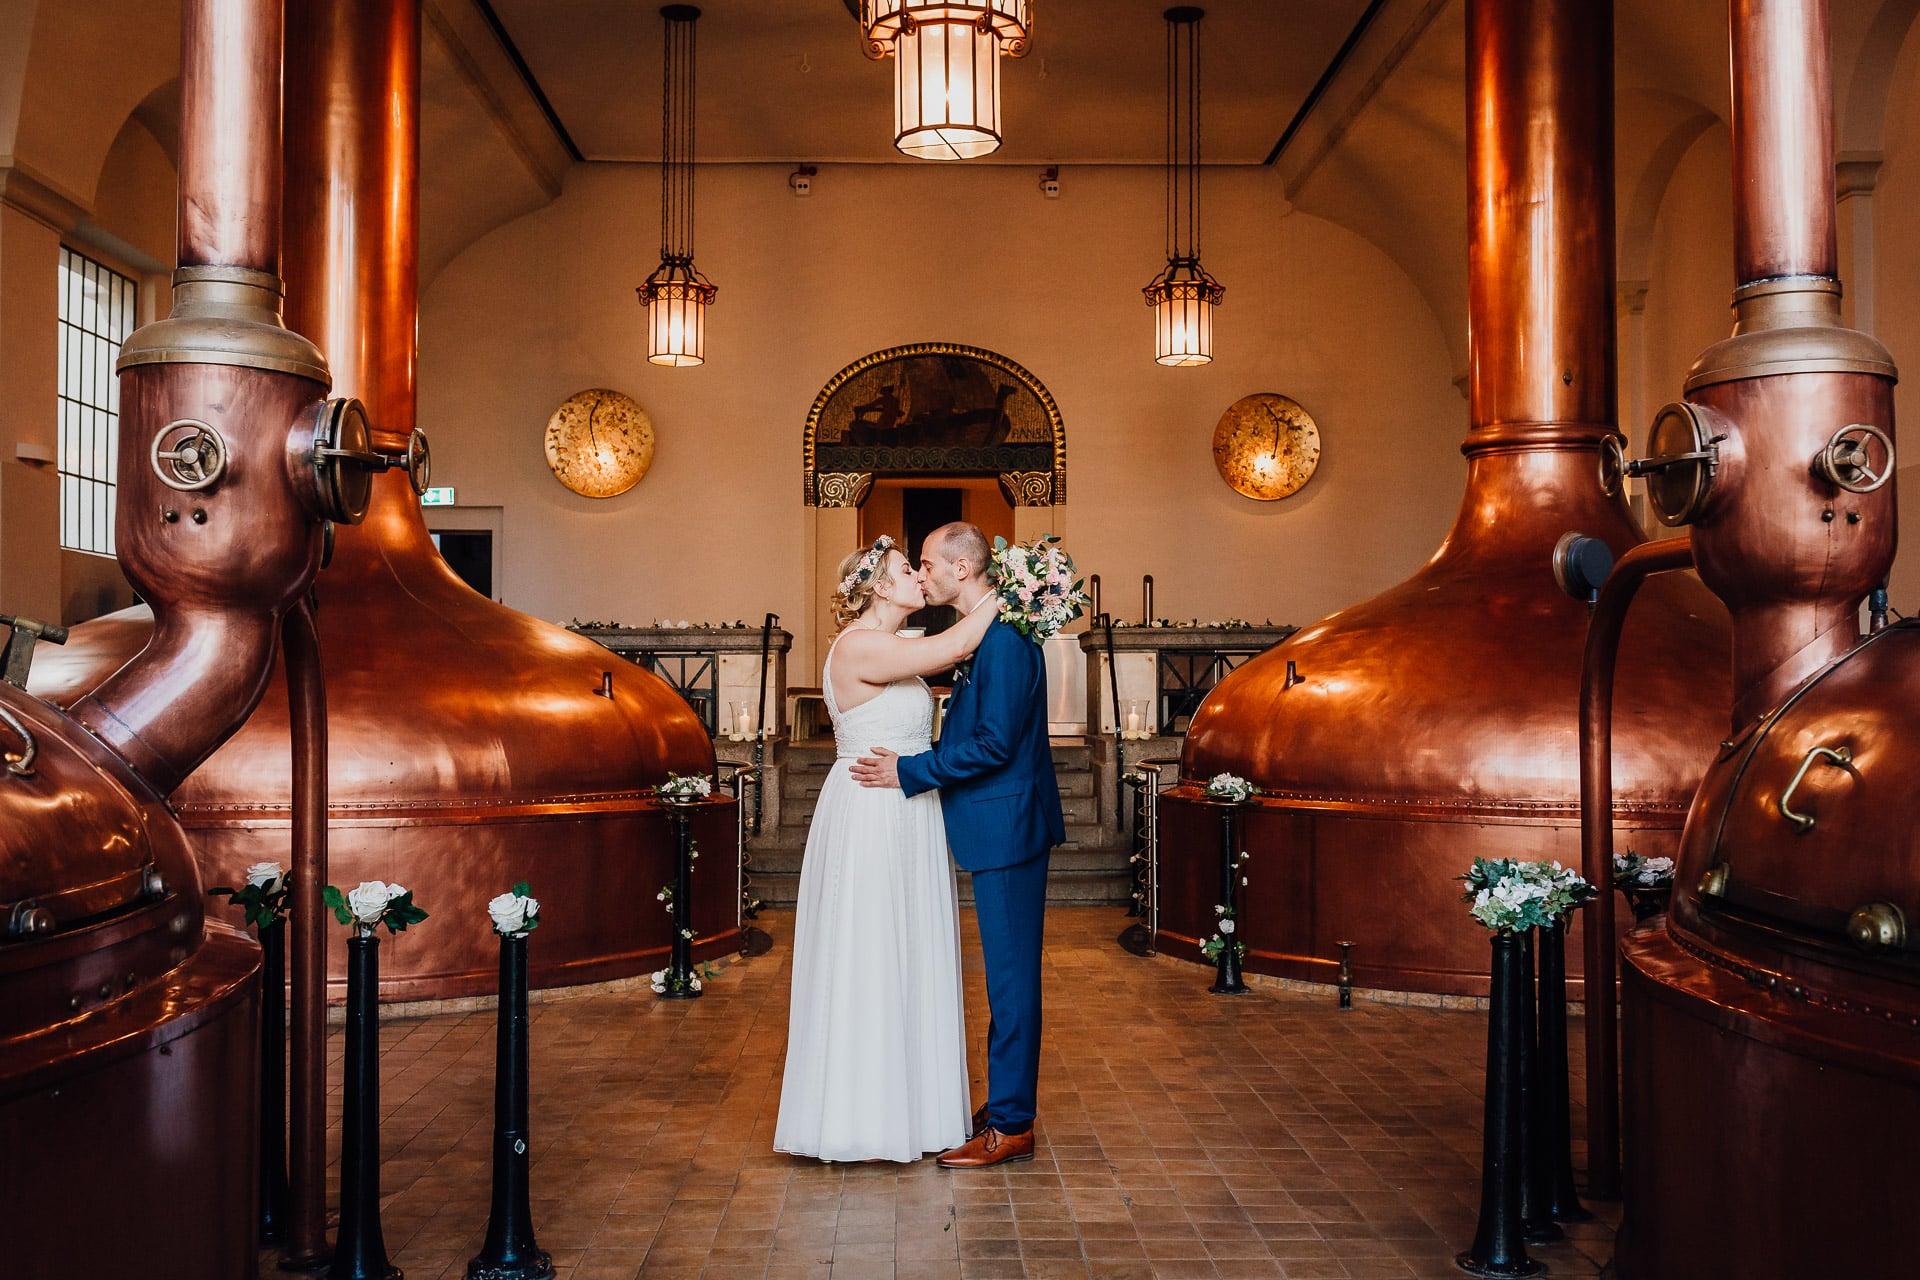 Hochzeitsfotograf Dortmund Hochzeitsfotos Standesamt Historisches Sudhaus der Brauerei Hansa Dortmund